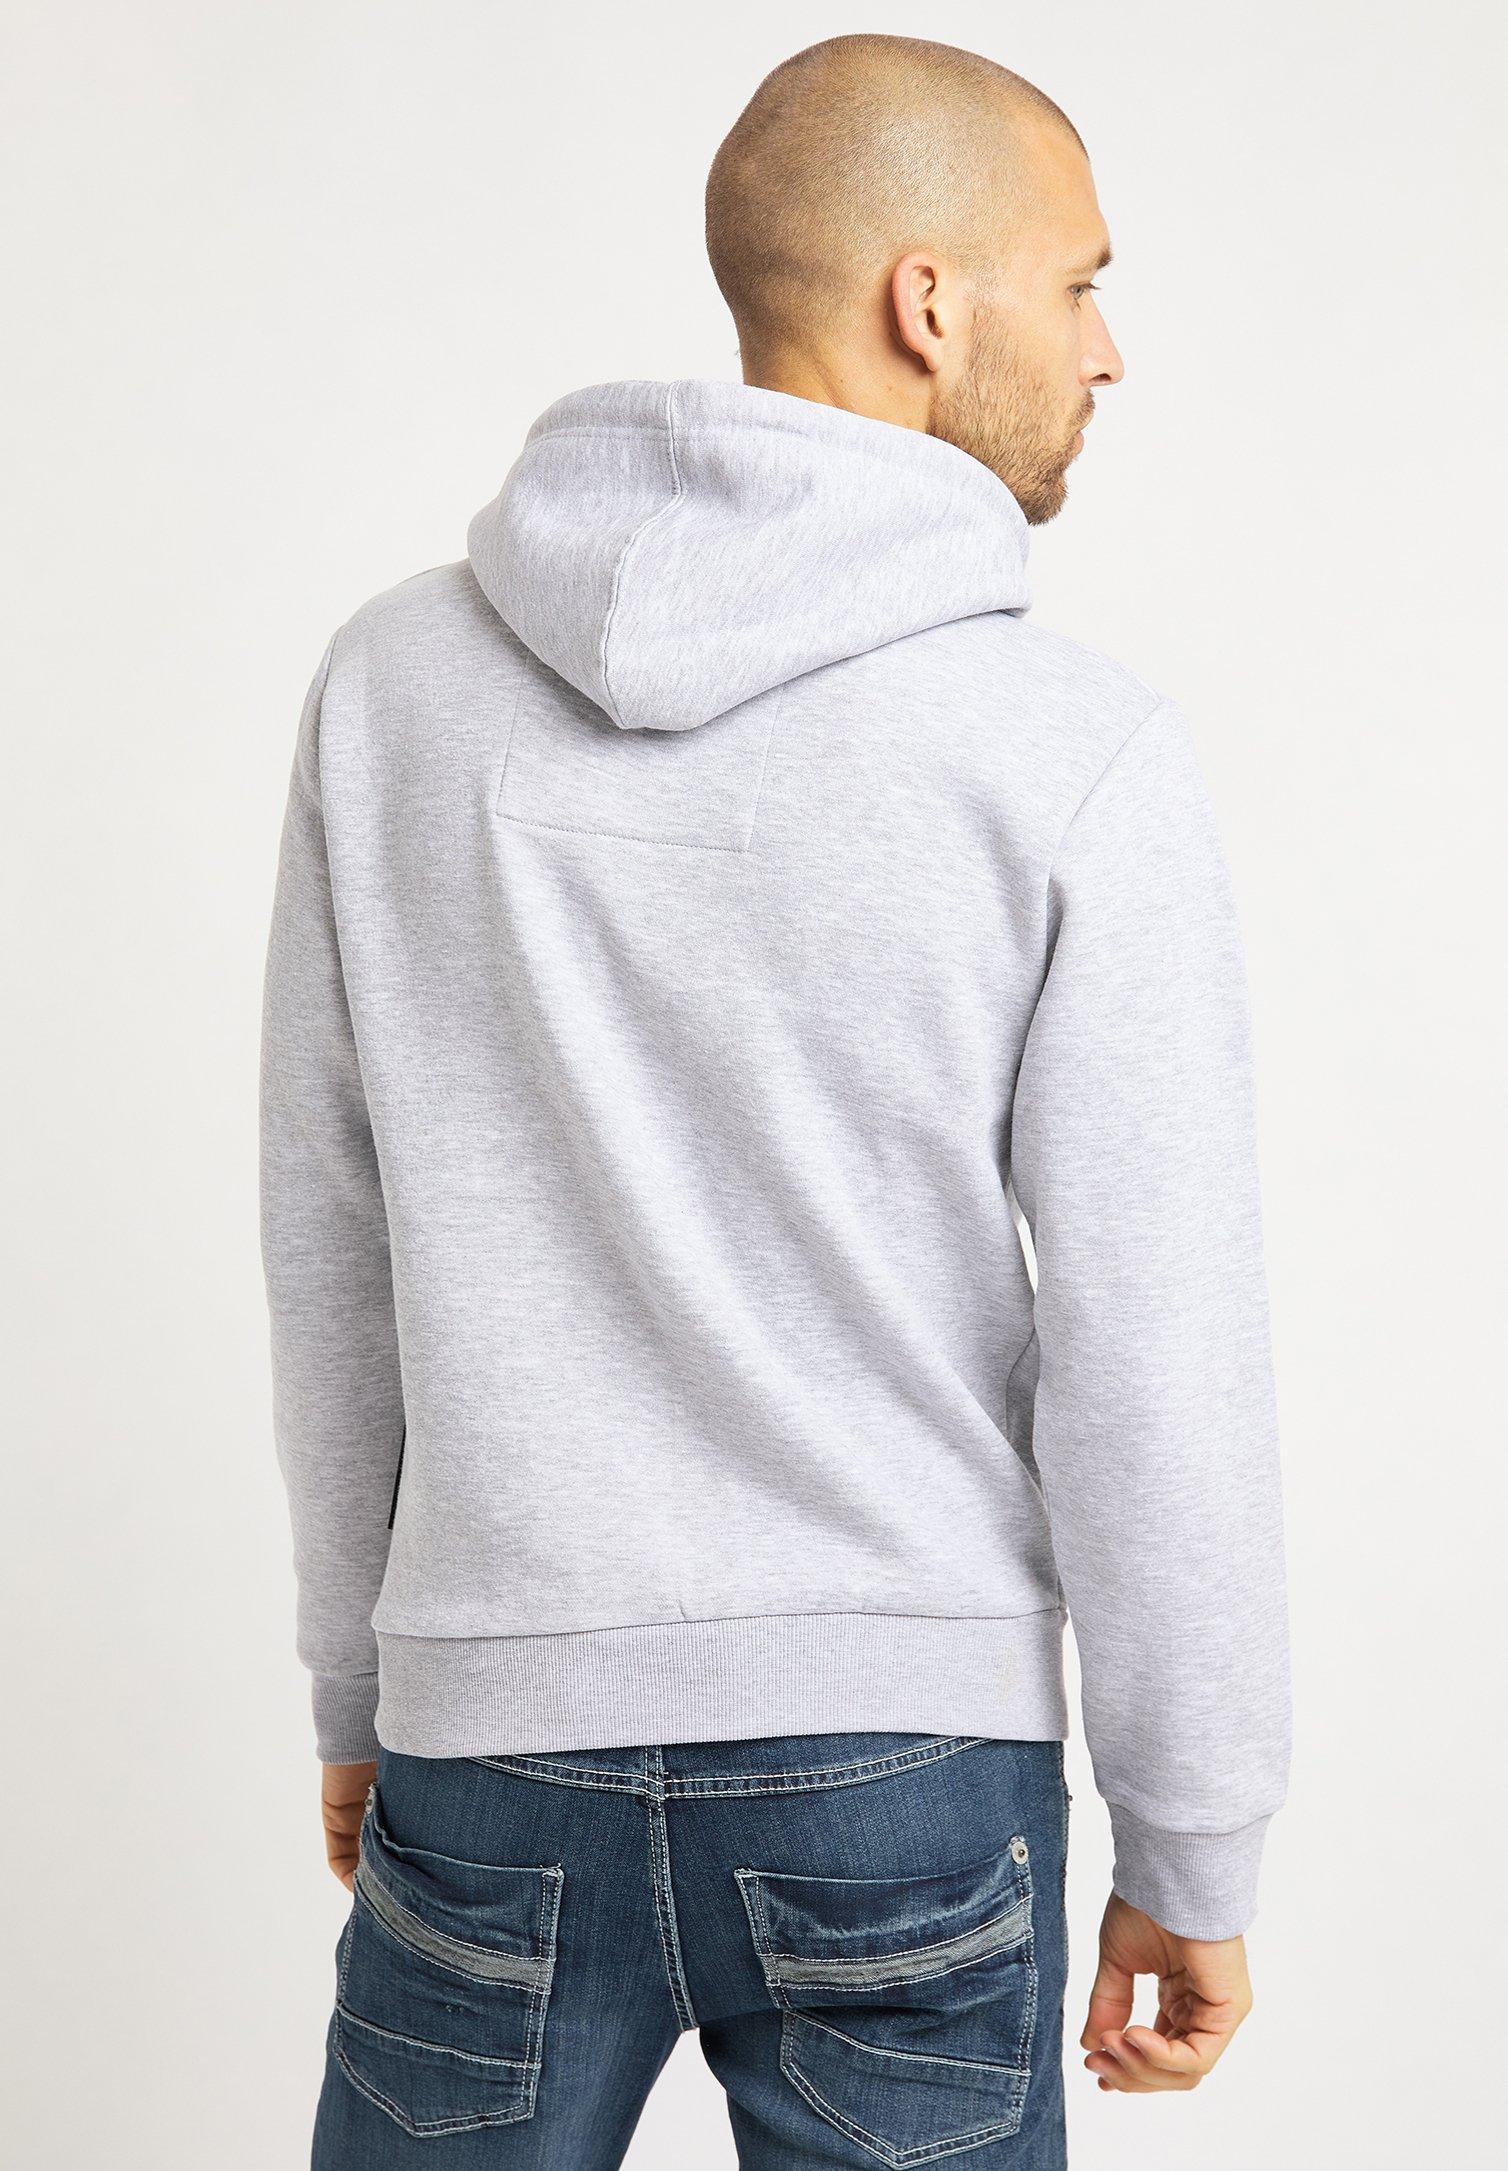 Køb Billigt Bedst Sælgende Tøj til herrer Bruno Banani Hættetrøjer grau melange CEmsE3 ulpEGv